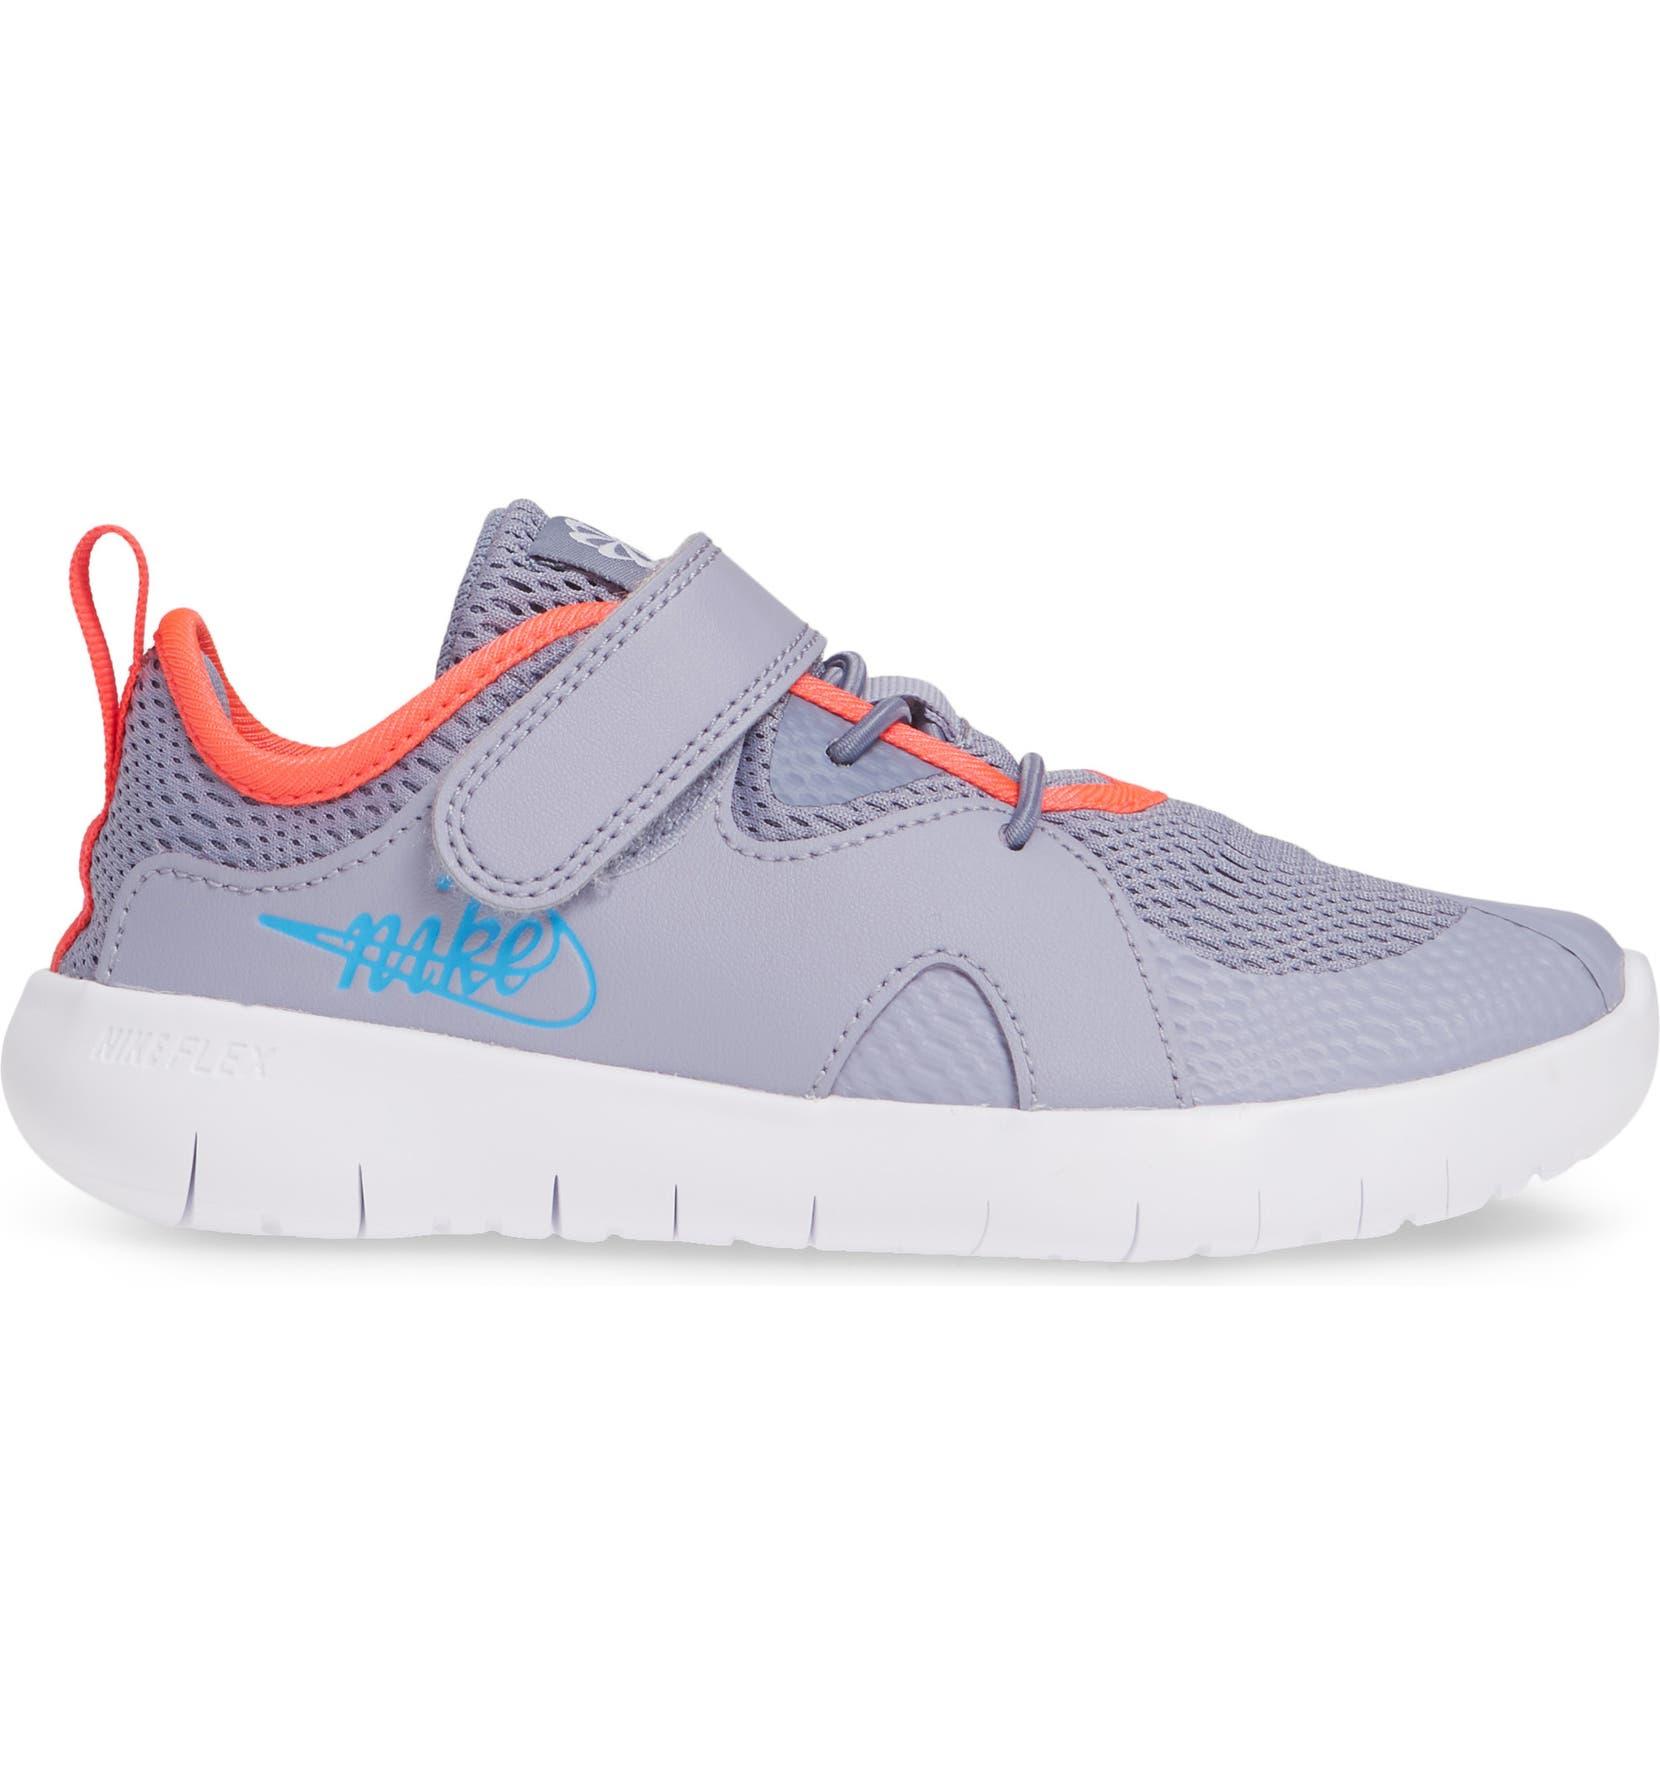 Nike Flex Contact 3 JDI Disrupt Running Shoe (Toddler